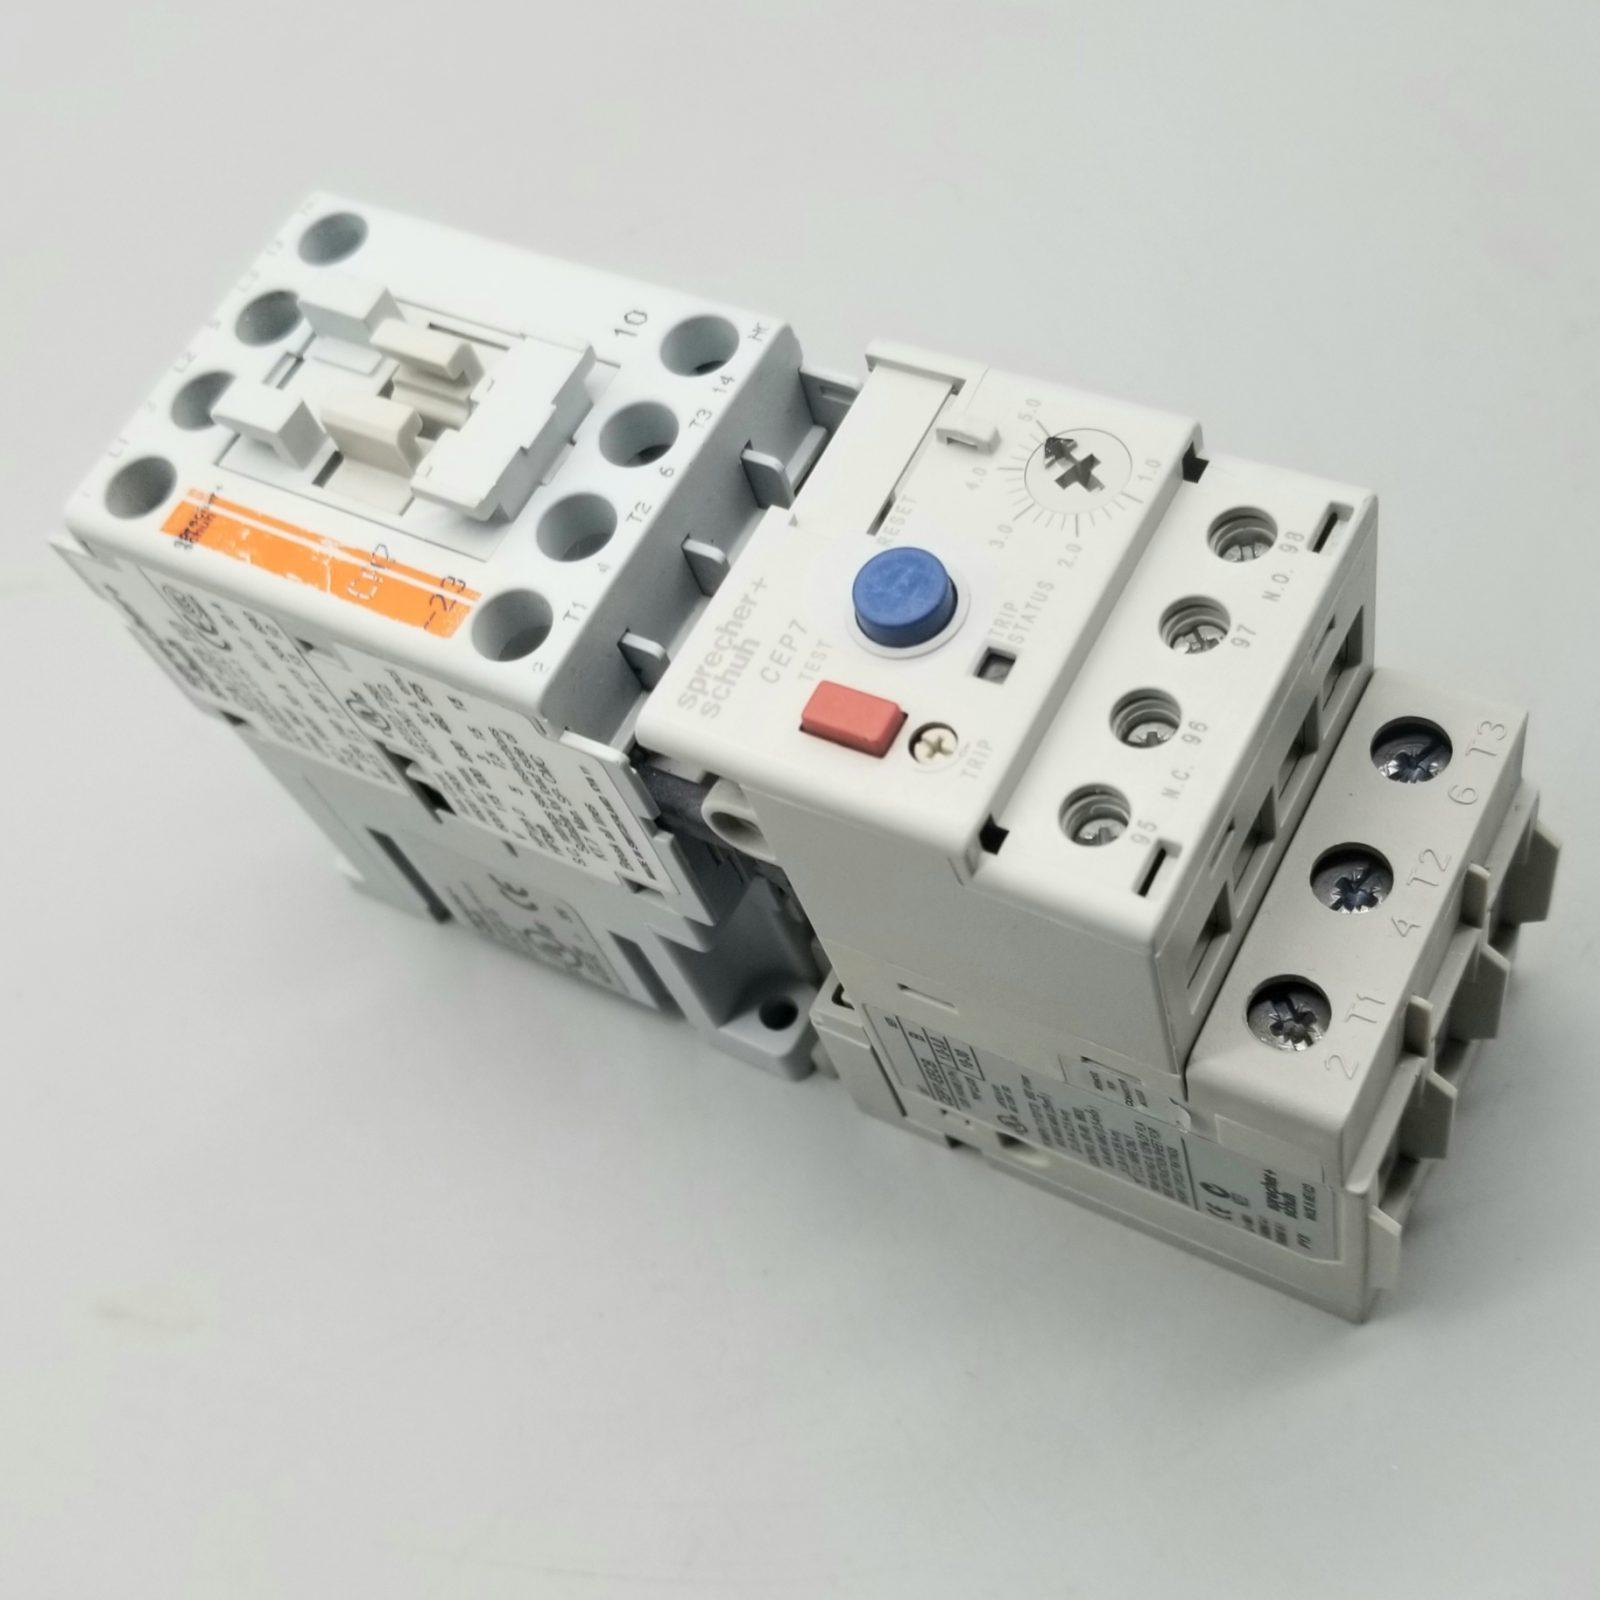 Sprecher Schuh CA7-23-10-120 Contactor w/ Overload Relay CEP7-EECB